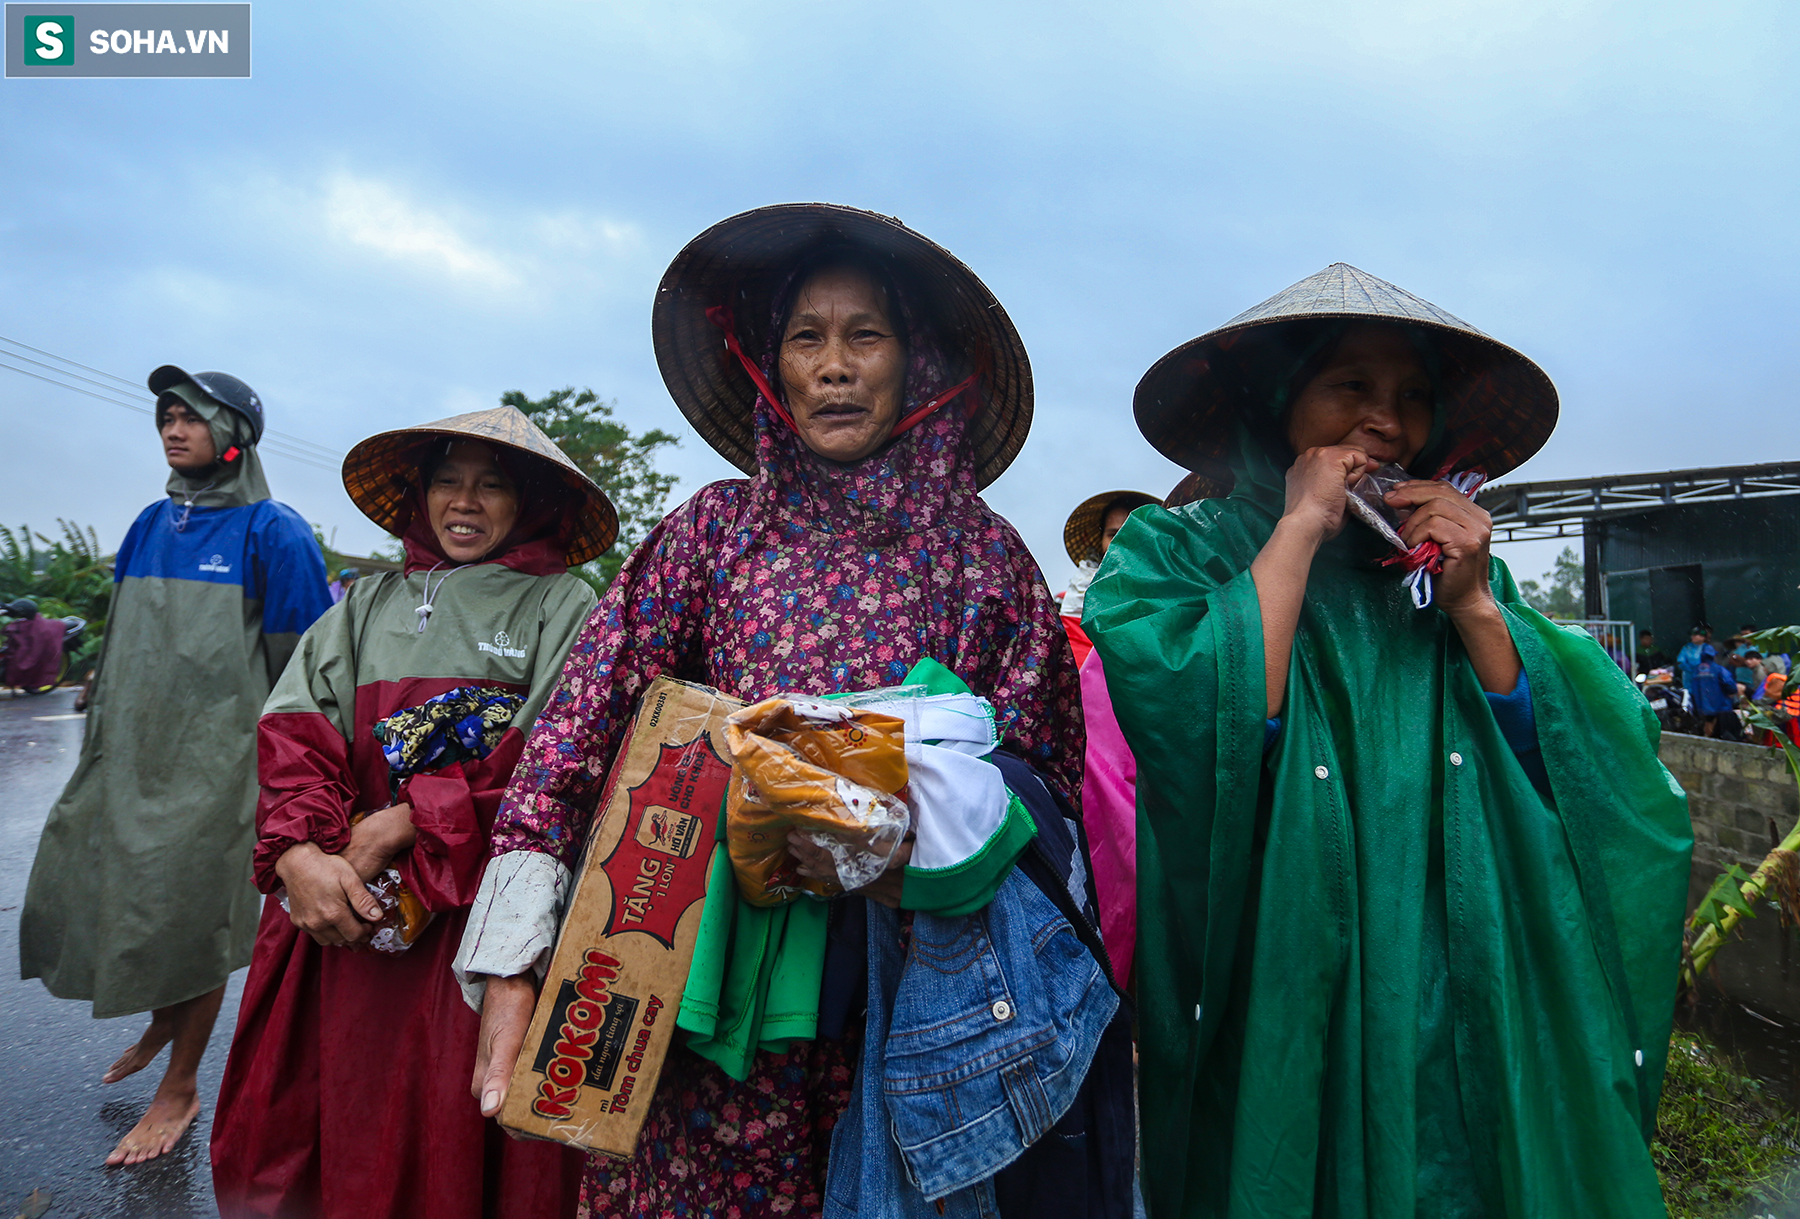 [Ảnh] Người phụ nữ ở Quảng Bình lao ra dòng nước lũ xin đồ ăn cho mẹ già bật khóc khi được cứu hộ khỏi ghe lật  - Ảnh 12.